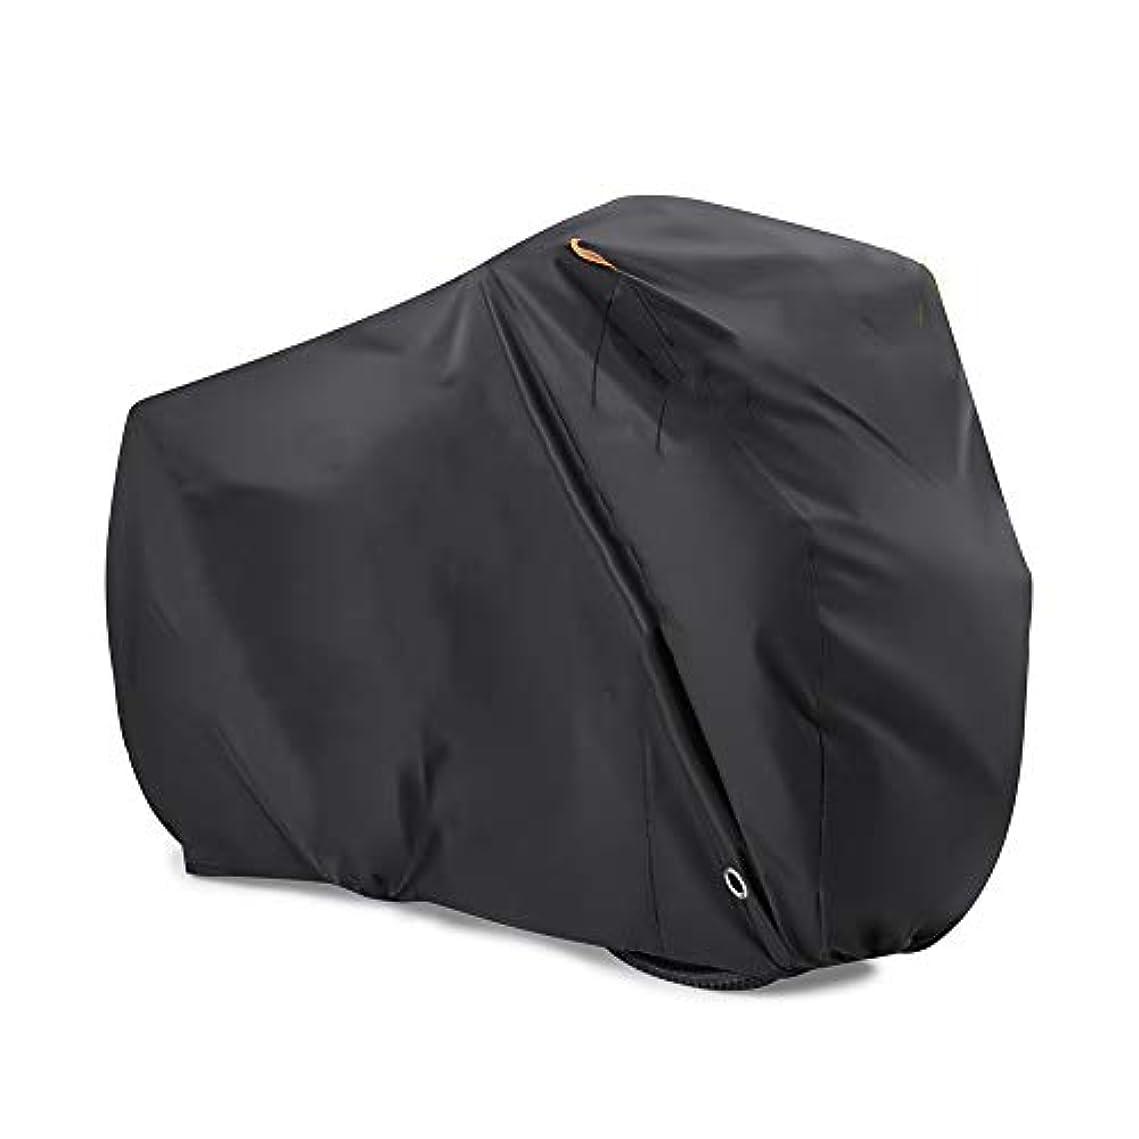 人工的なハウジング工業用ダストカバー - 自転車カバー防水タプロインアウトドア自転車の錆と防塵UV保護四季用ストレージバッグ(4サイズ) 分離ダスト (色 : ブラック, サイズ さいず : XL)